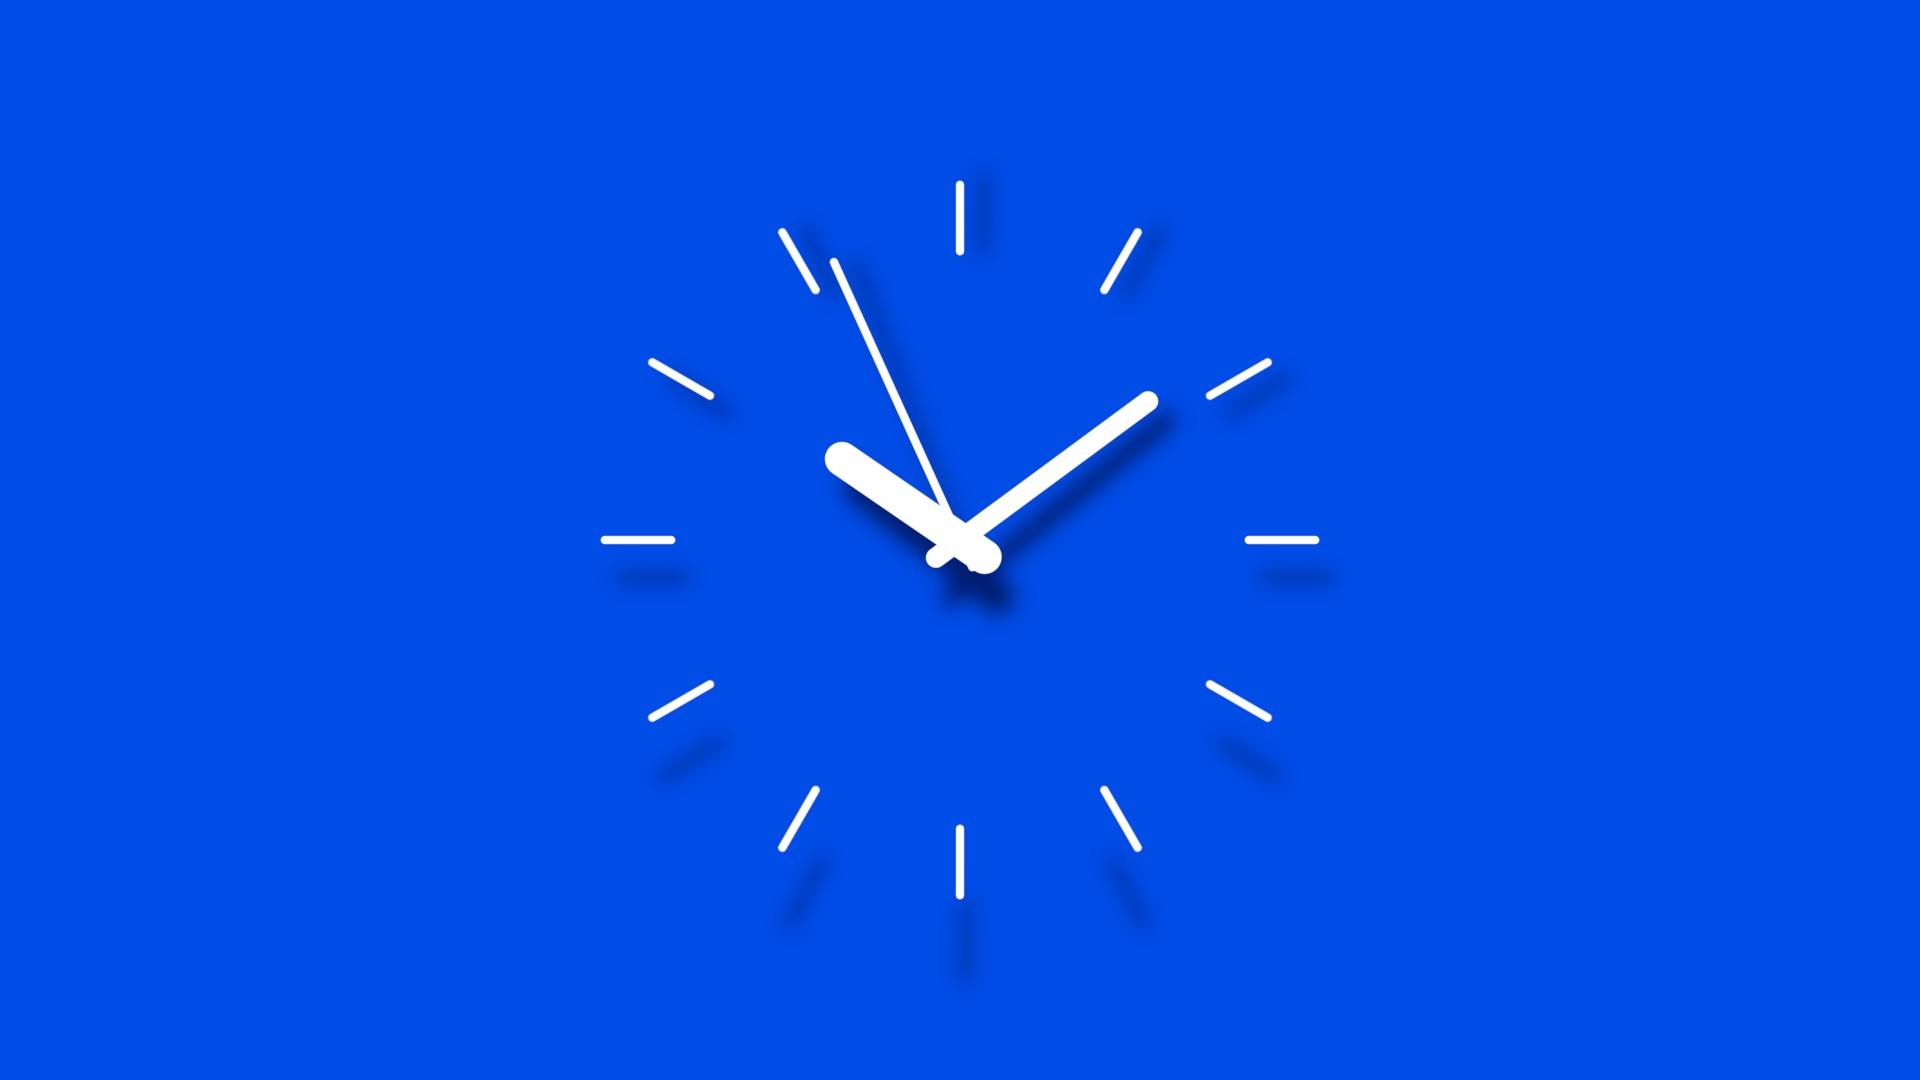 Building an Analog Clock